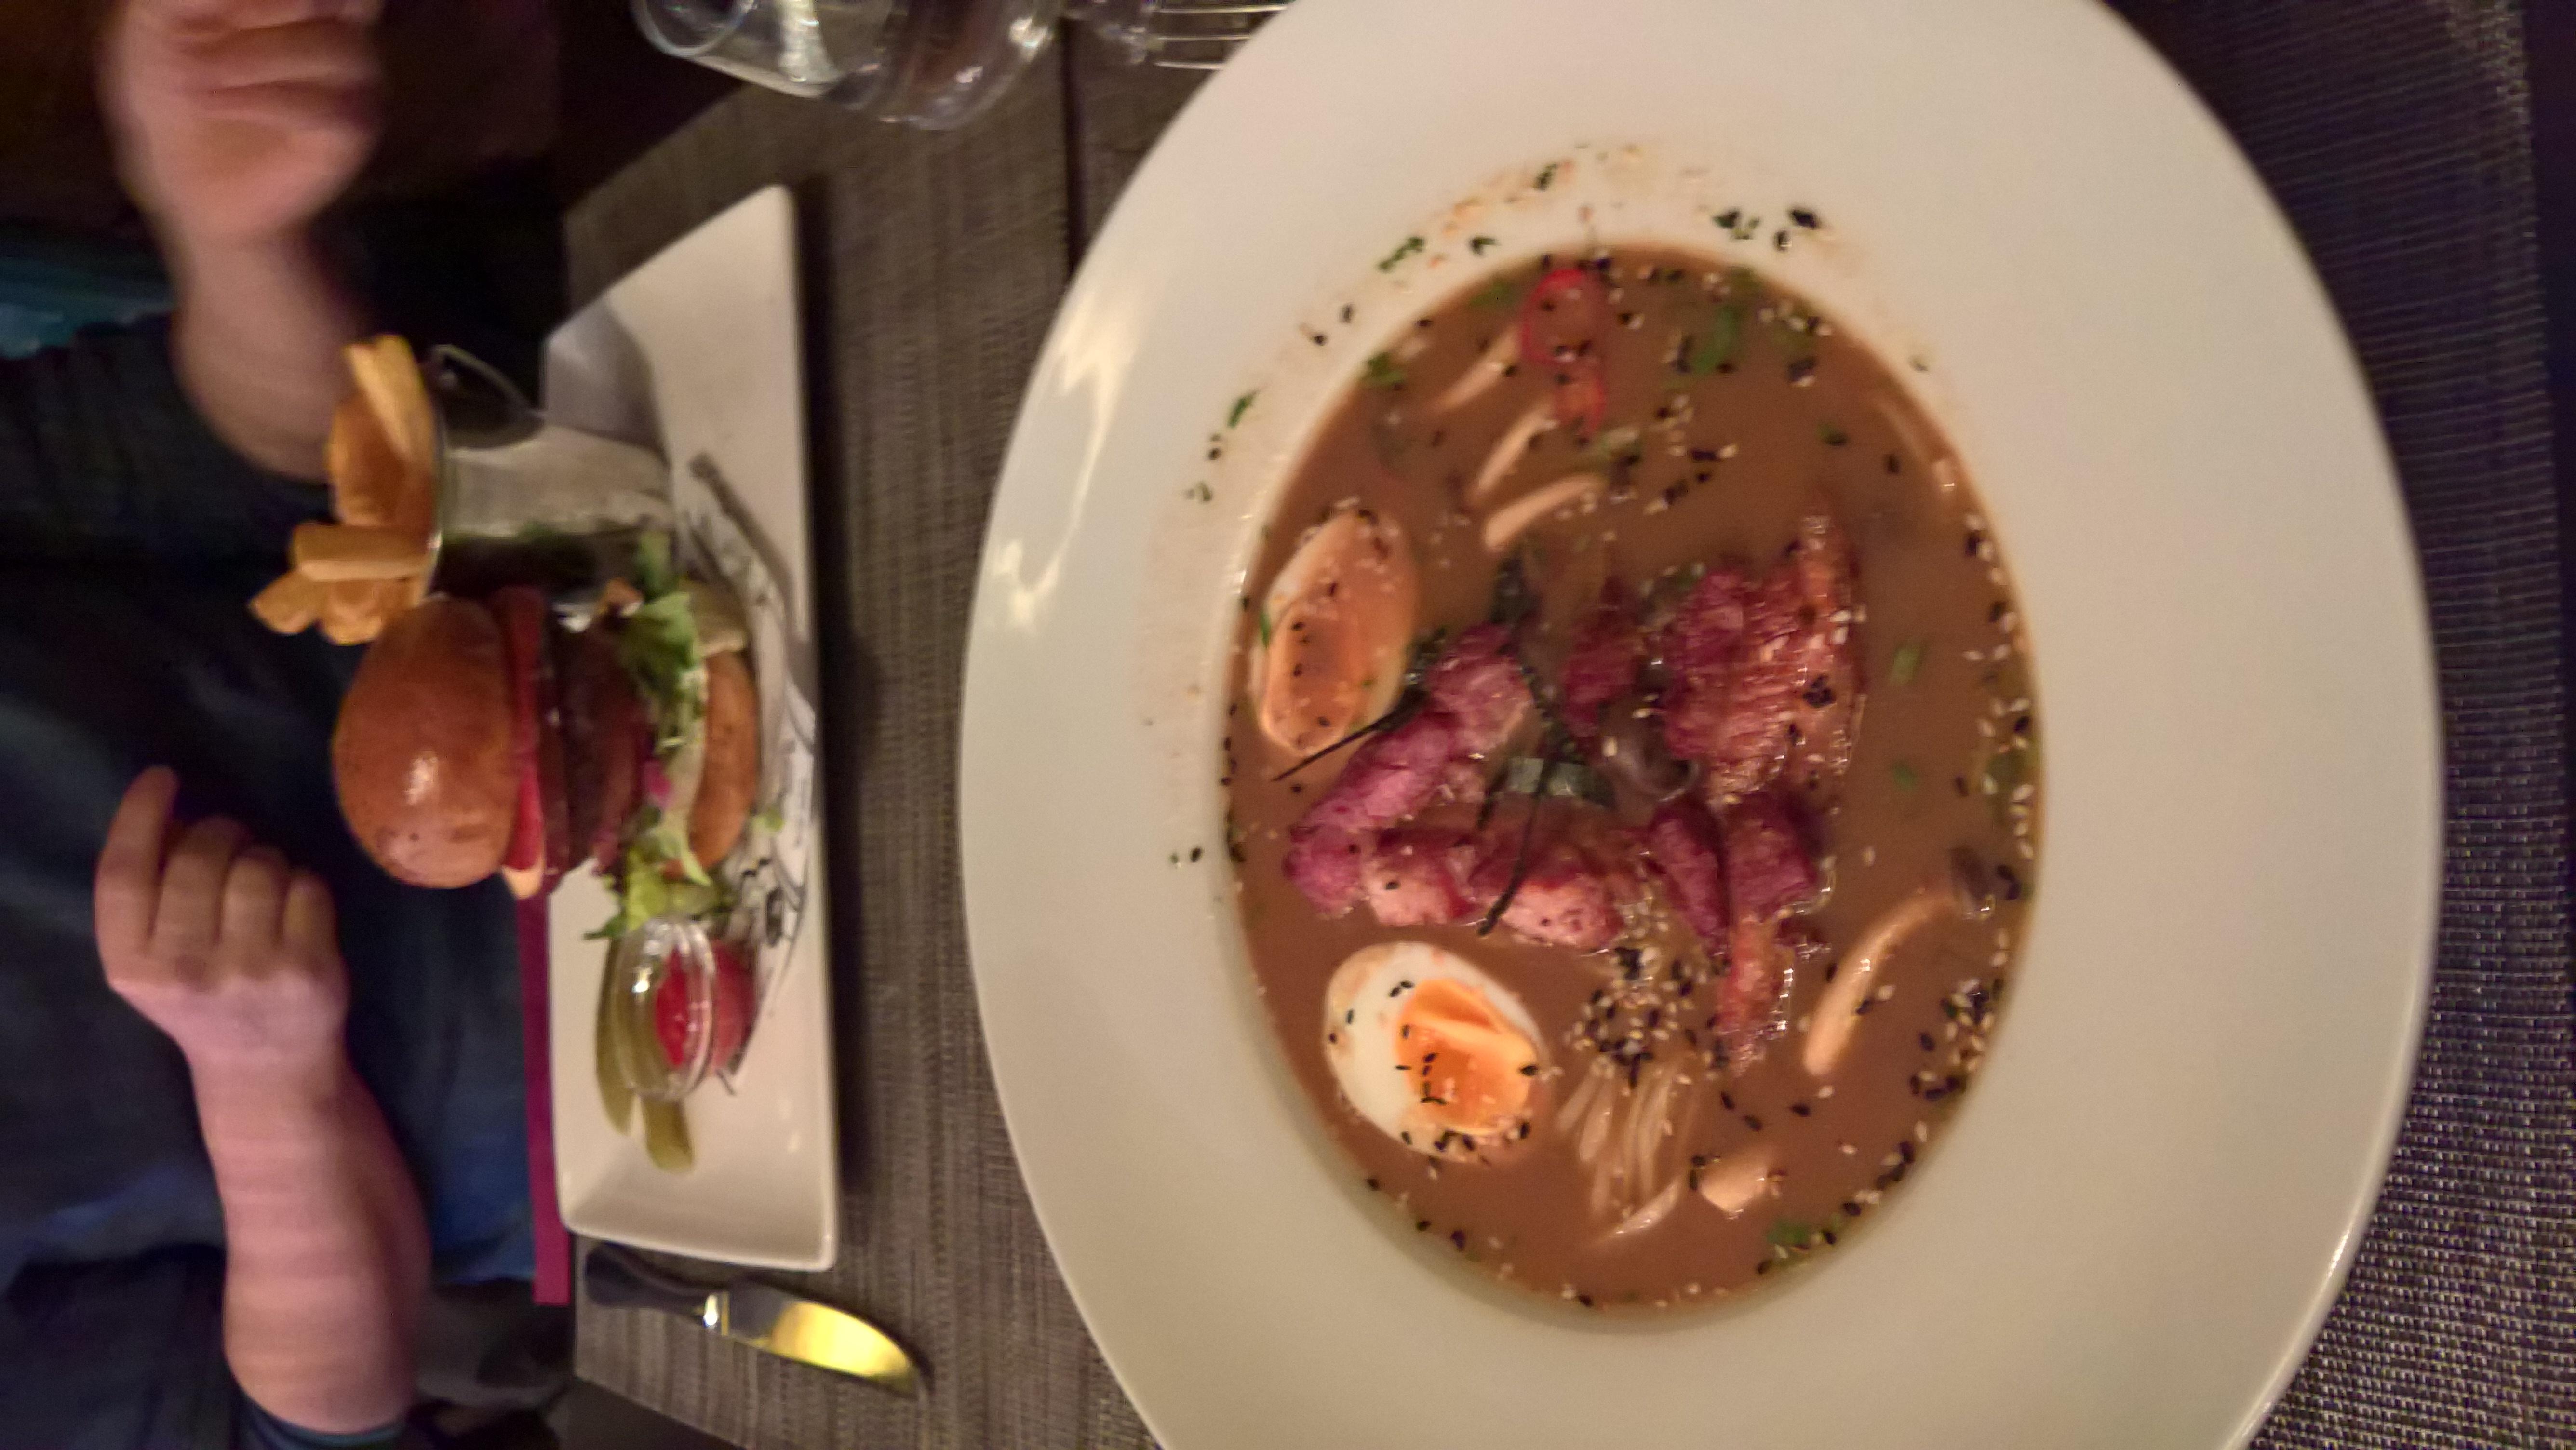 Ravintola Huvila, Järvenpää: Ramen + purilainen